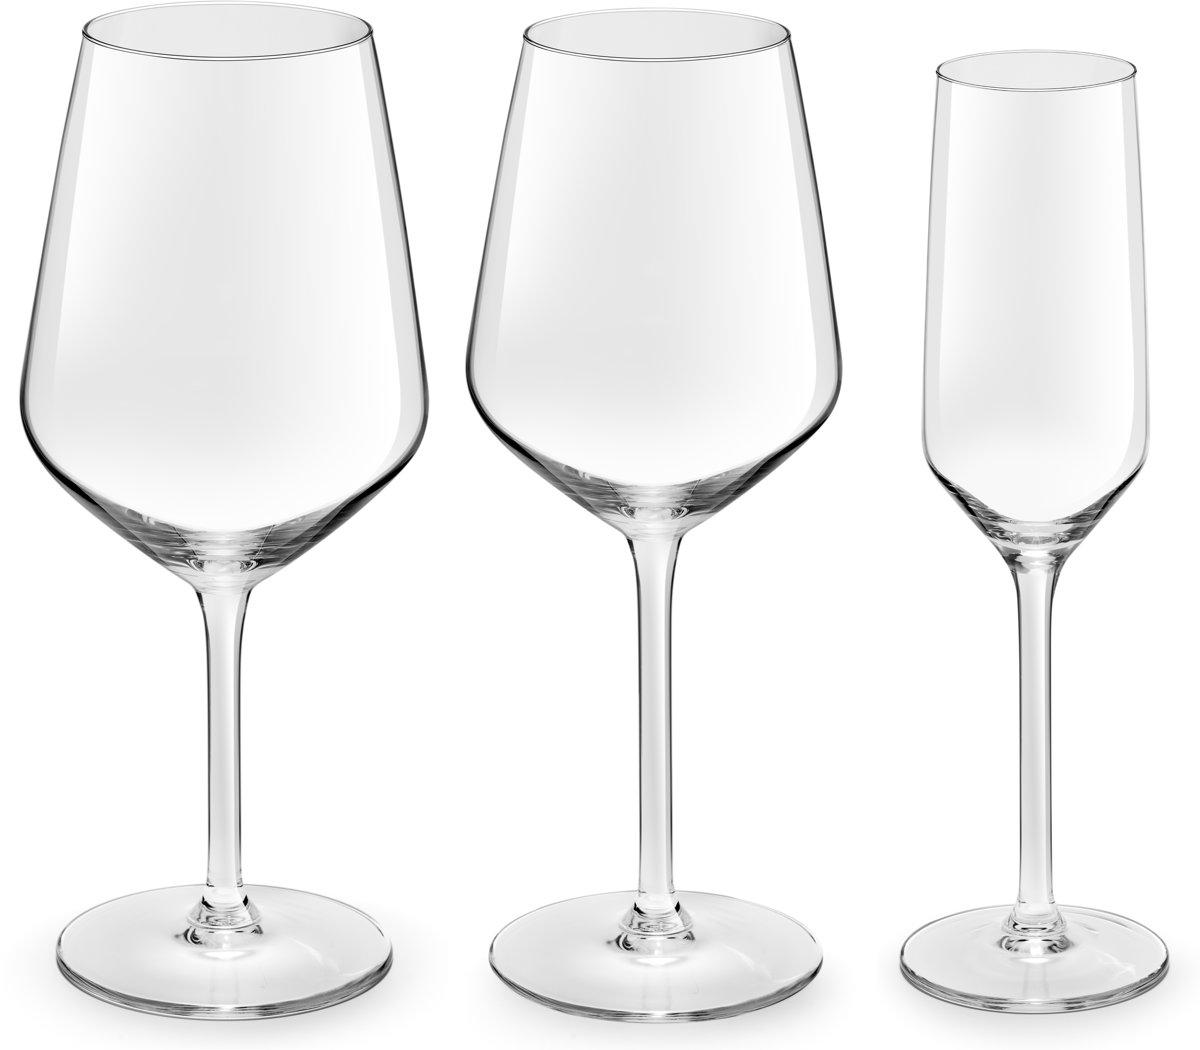 Royal Leerdam Wijnglazen.Bol Com Royal Leerdam Wijnglas Kopen Alle Wijnglazen Online